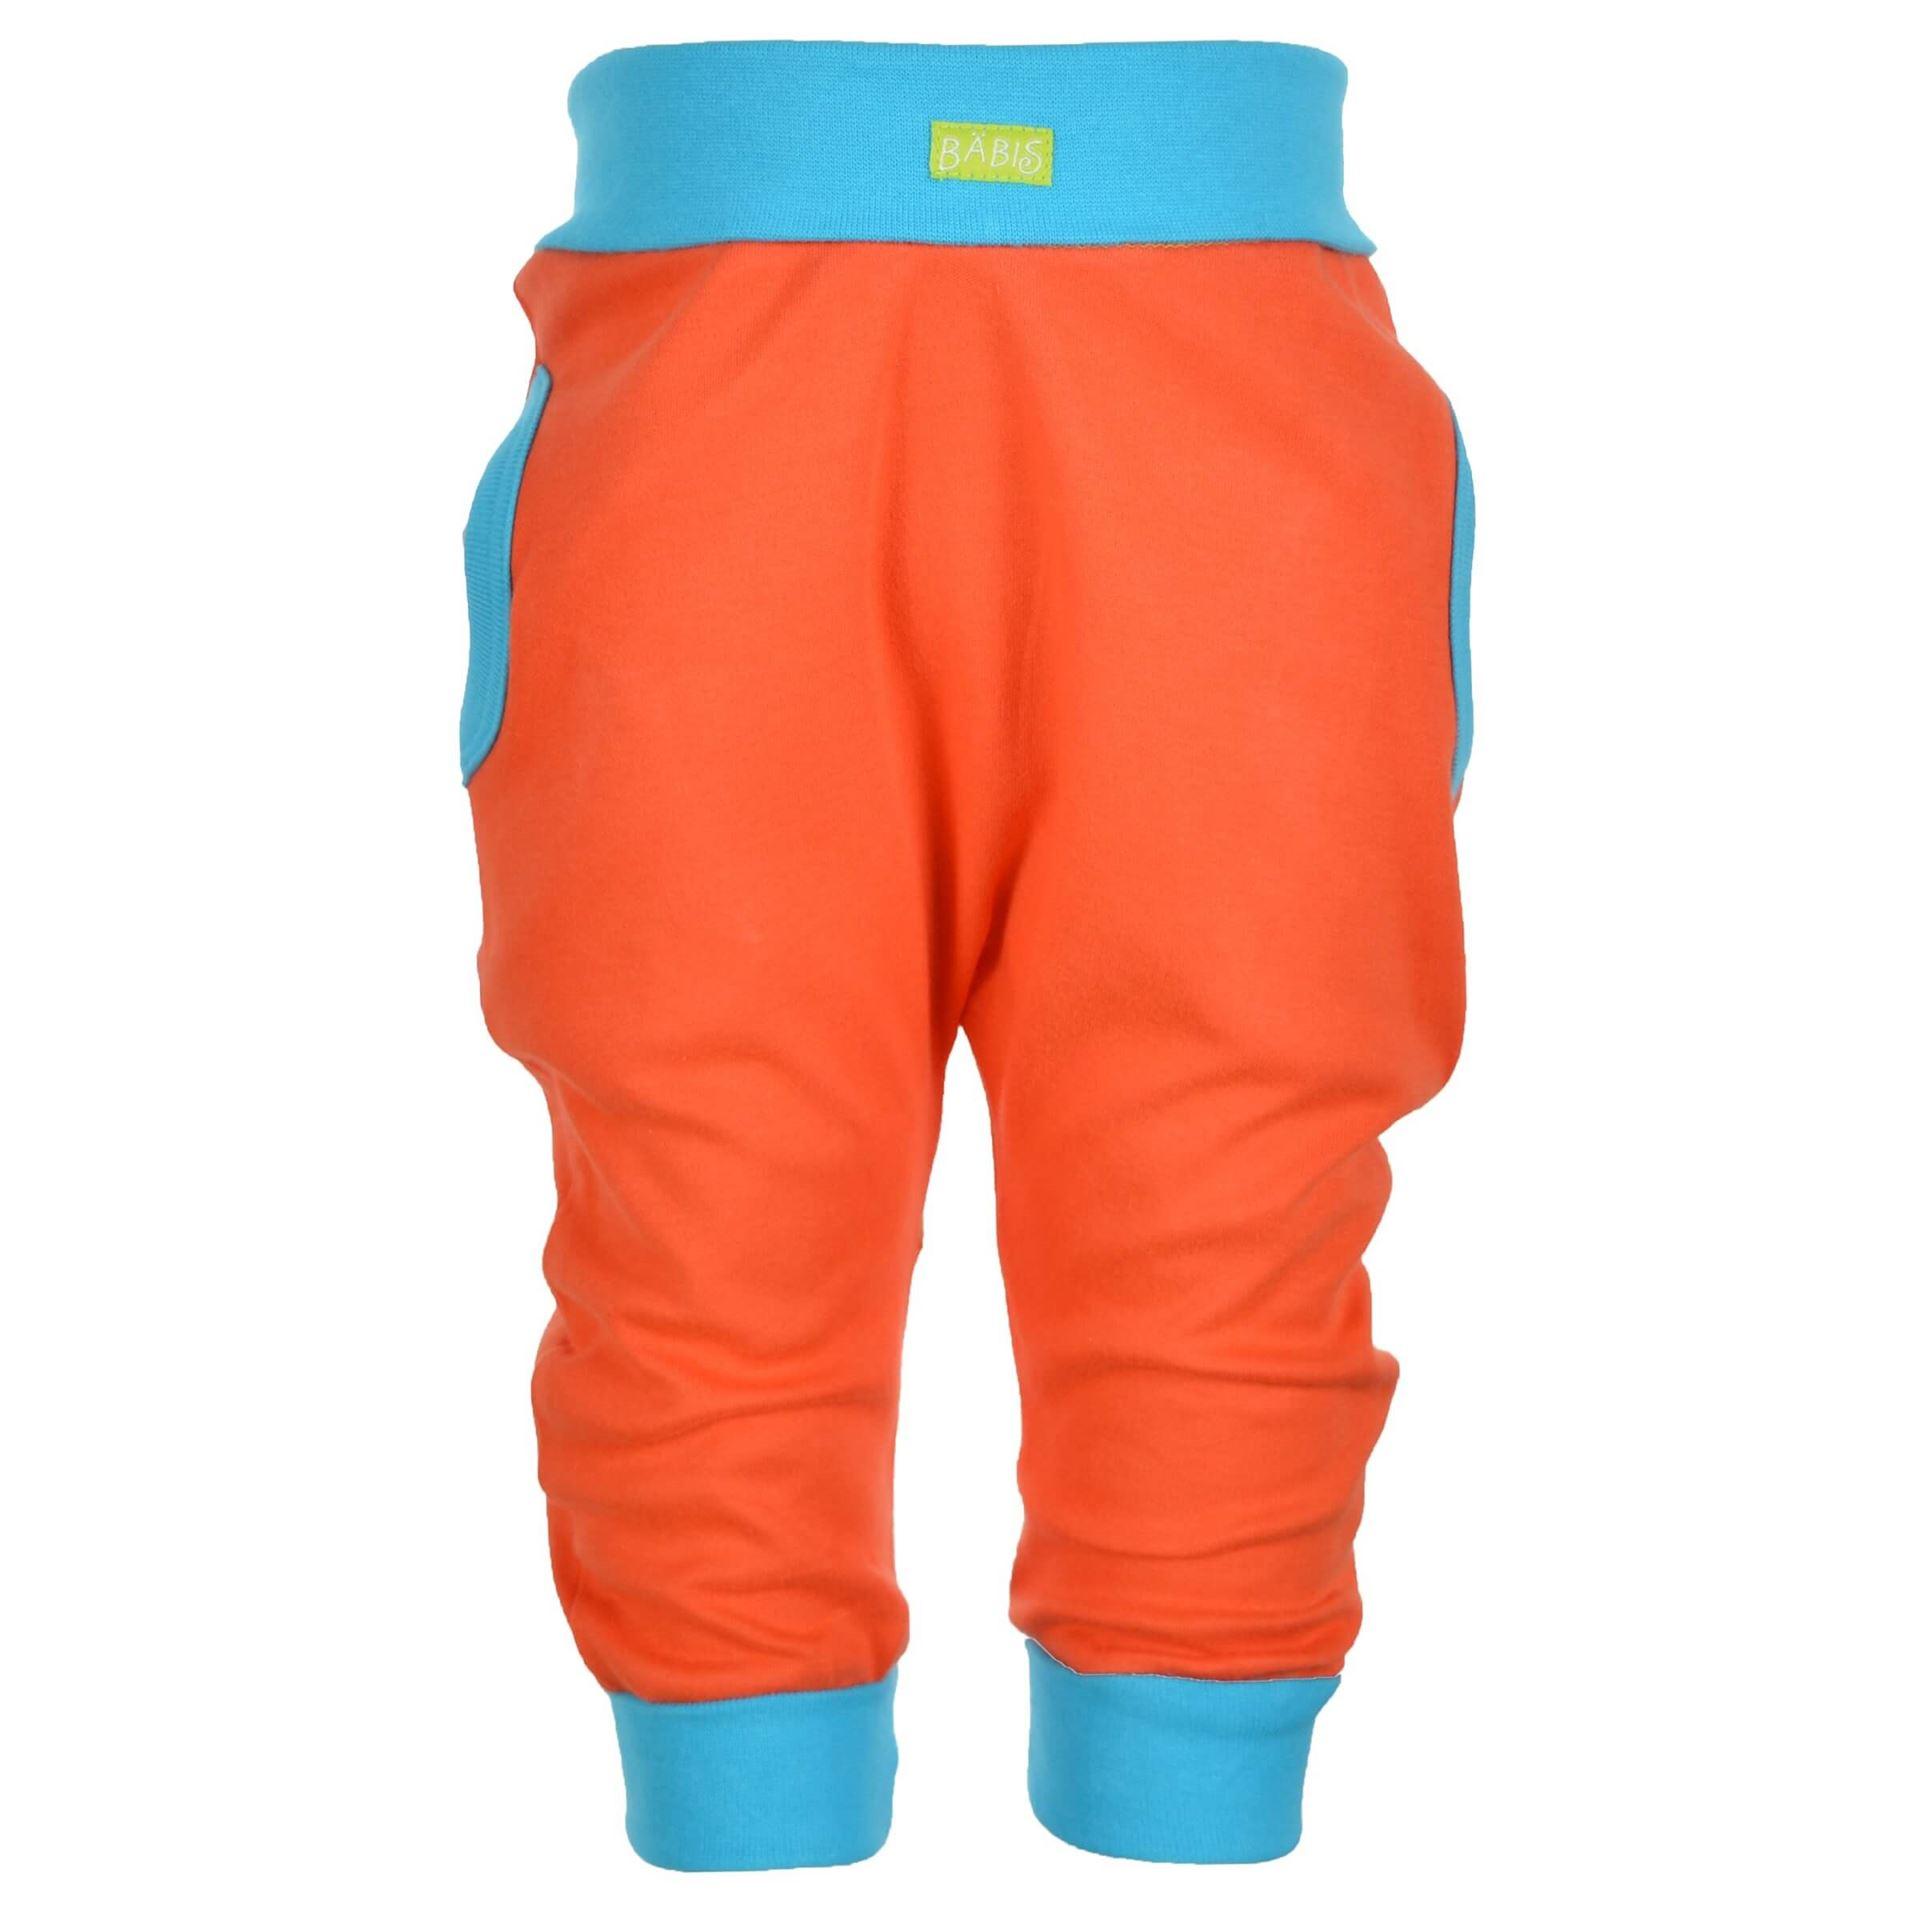 Bilde av Baby Baby bukser